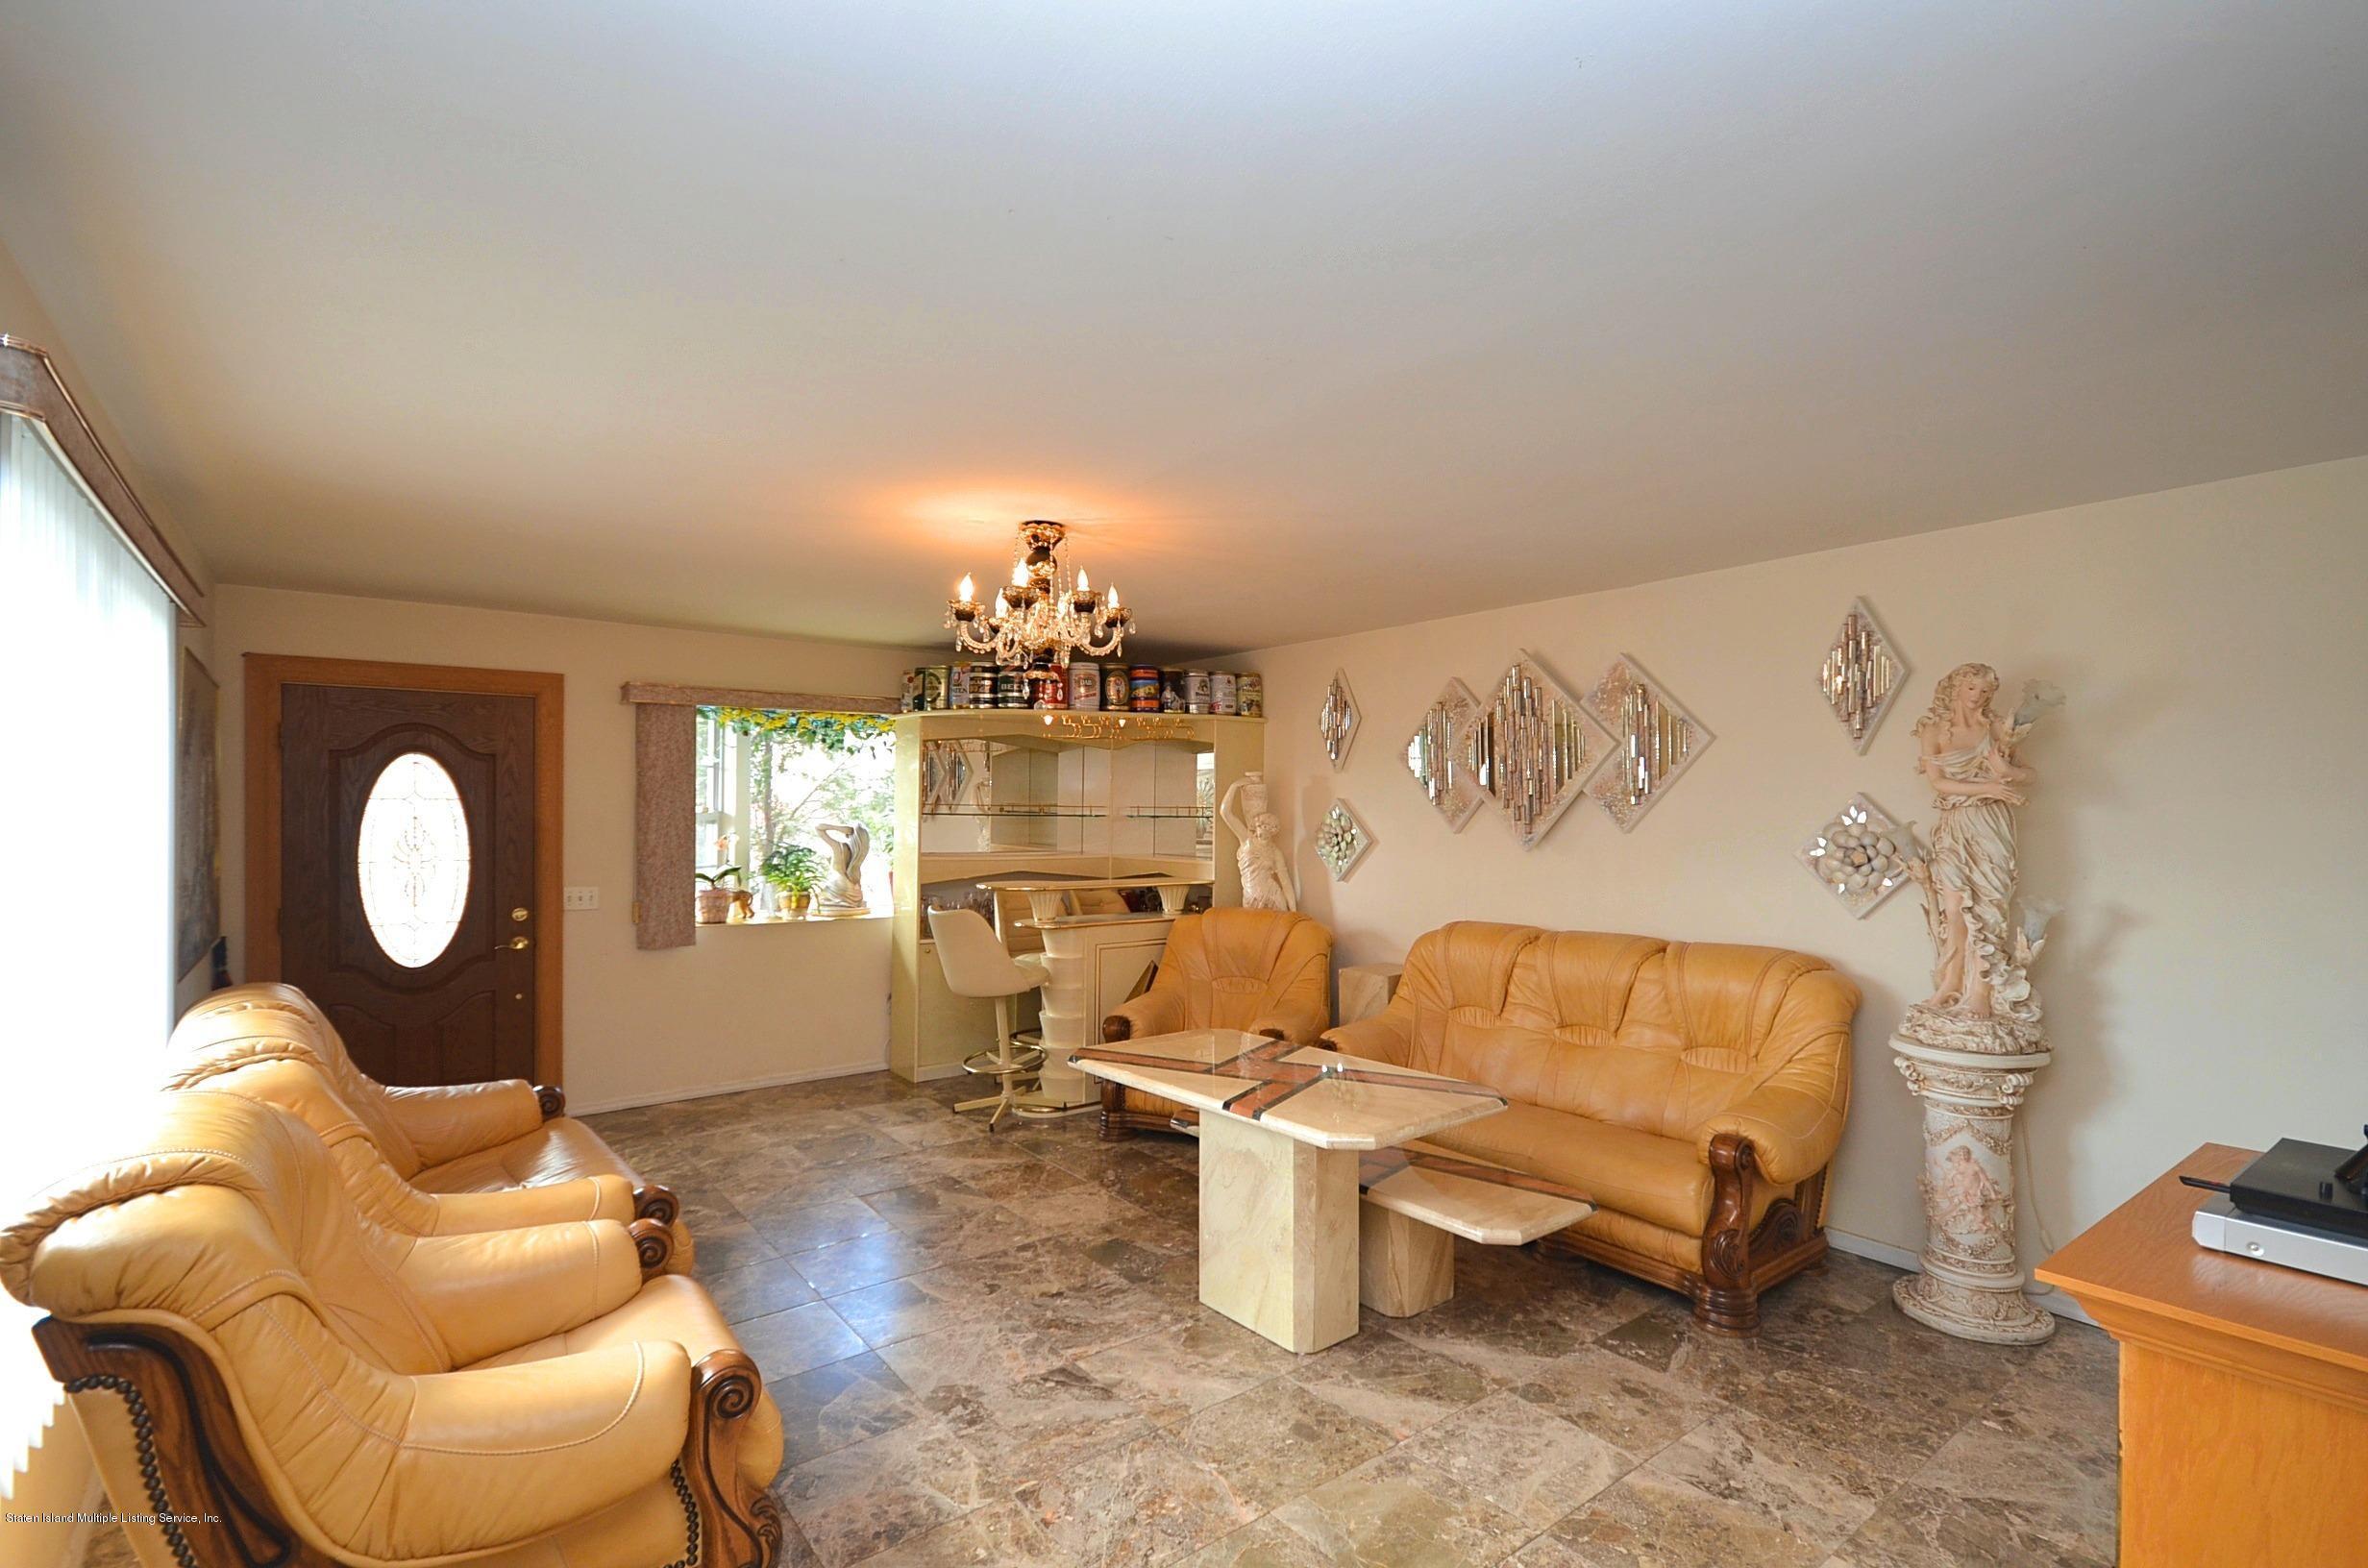 Single Family - Semi-Attached 447 Hillman Avenue  Staten Island, NY 10314, MLS-1126967-5